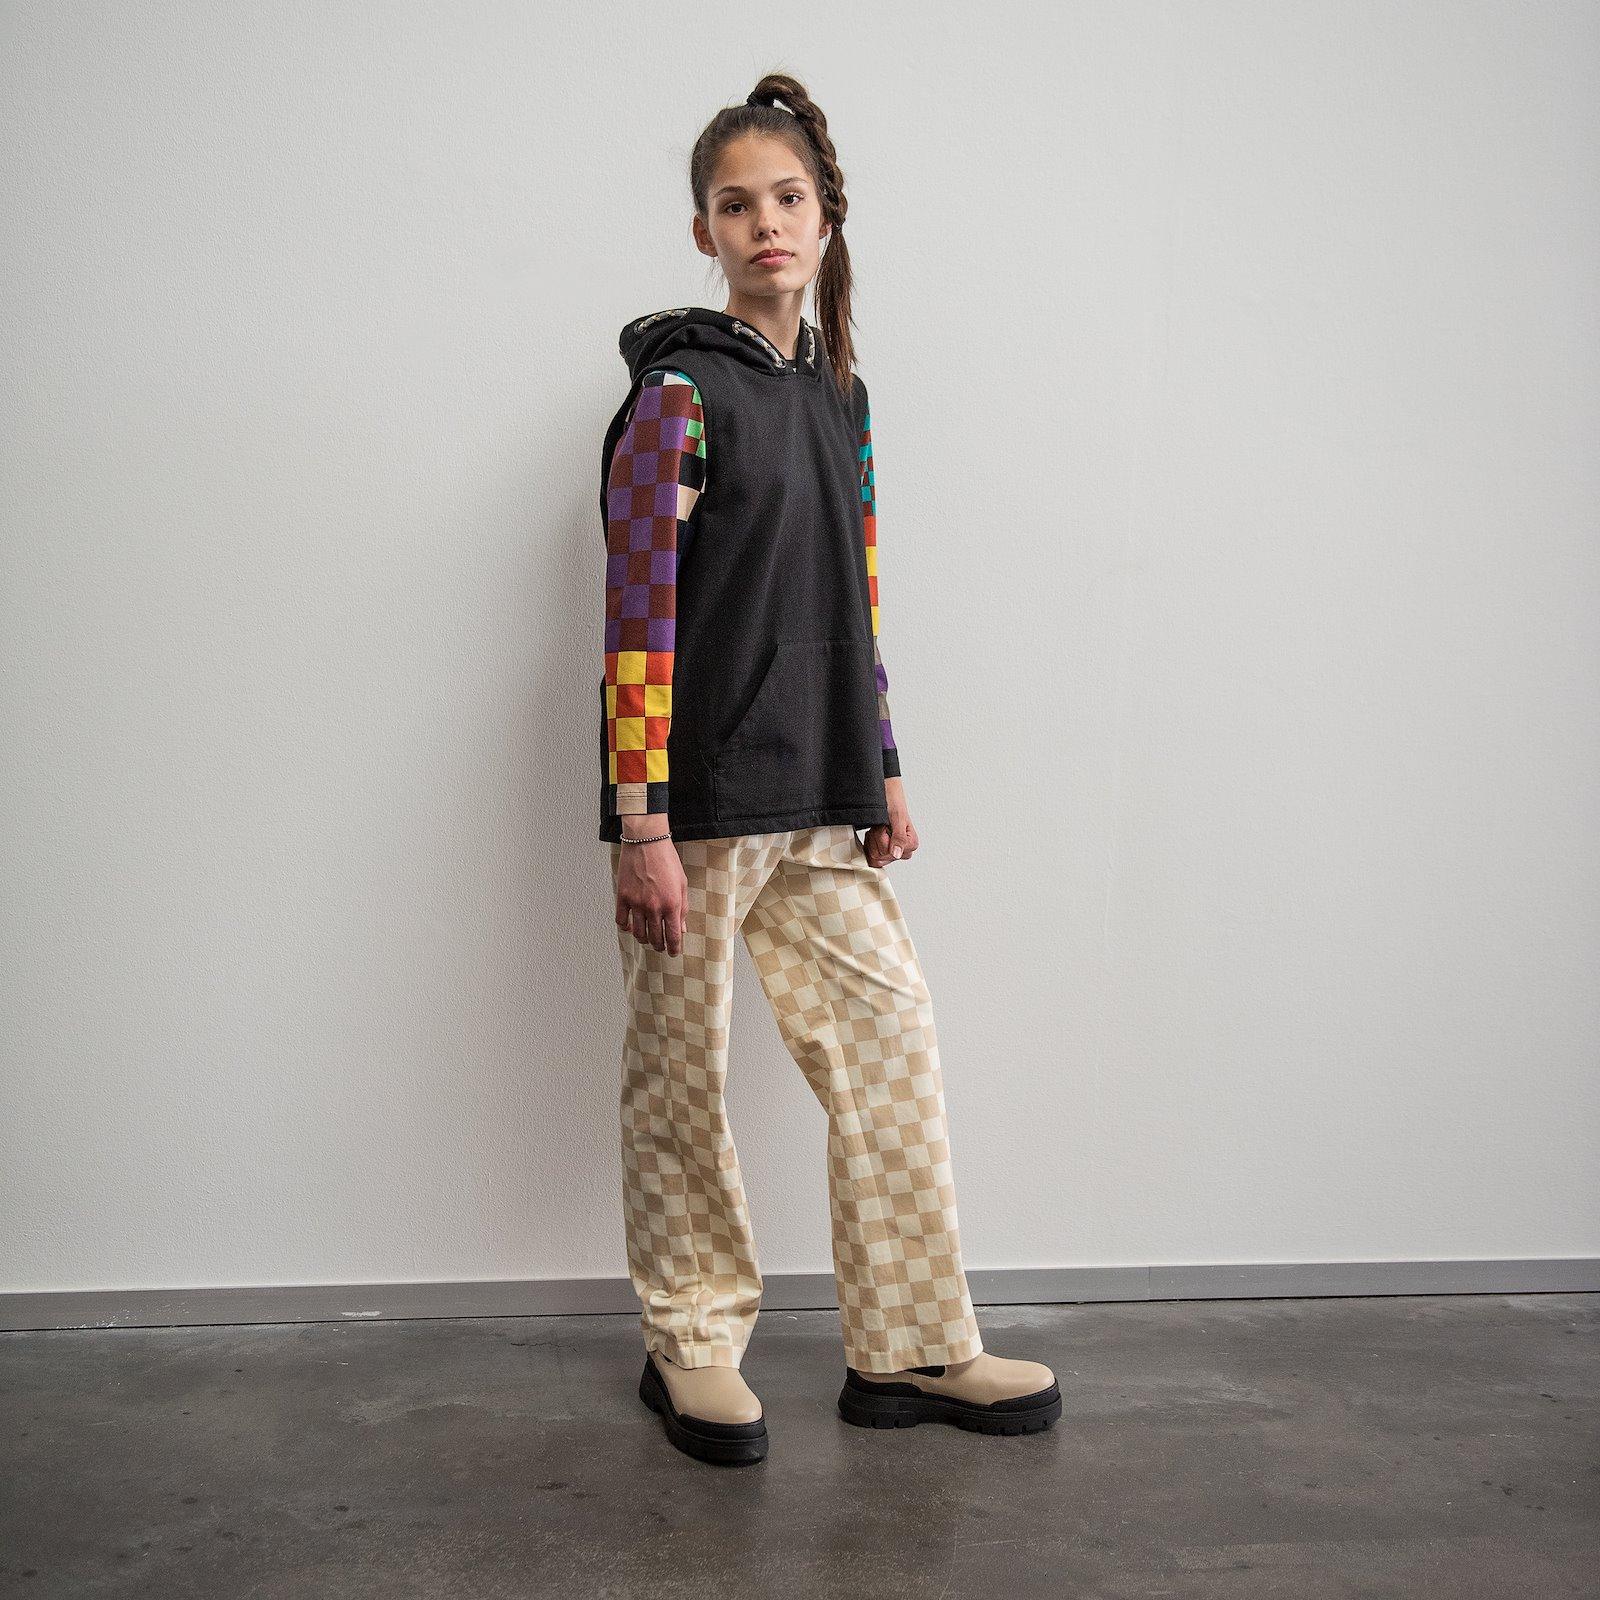 Hoodie waistcoat, 152/12y p62021_211759_230638_43690_22276_p62017_272807_p60034_420420_sskit